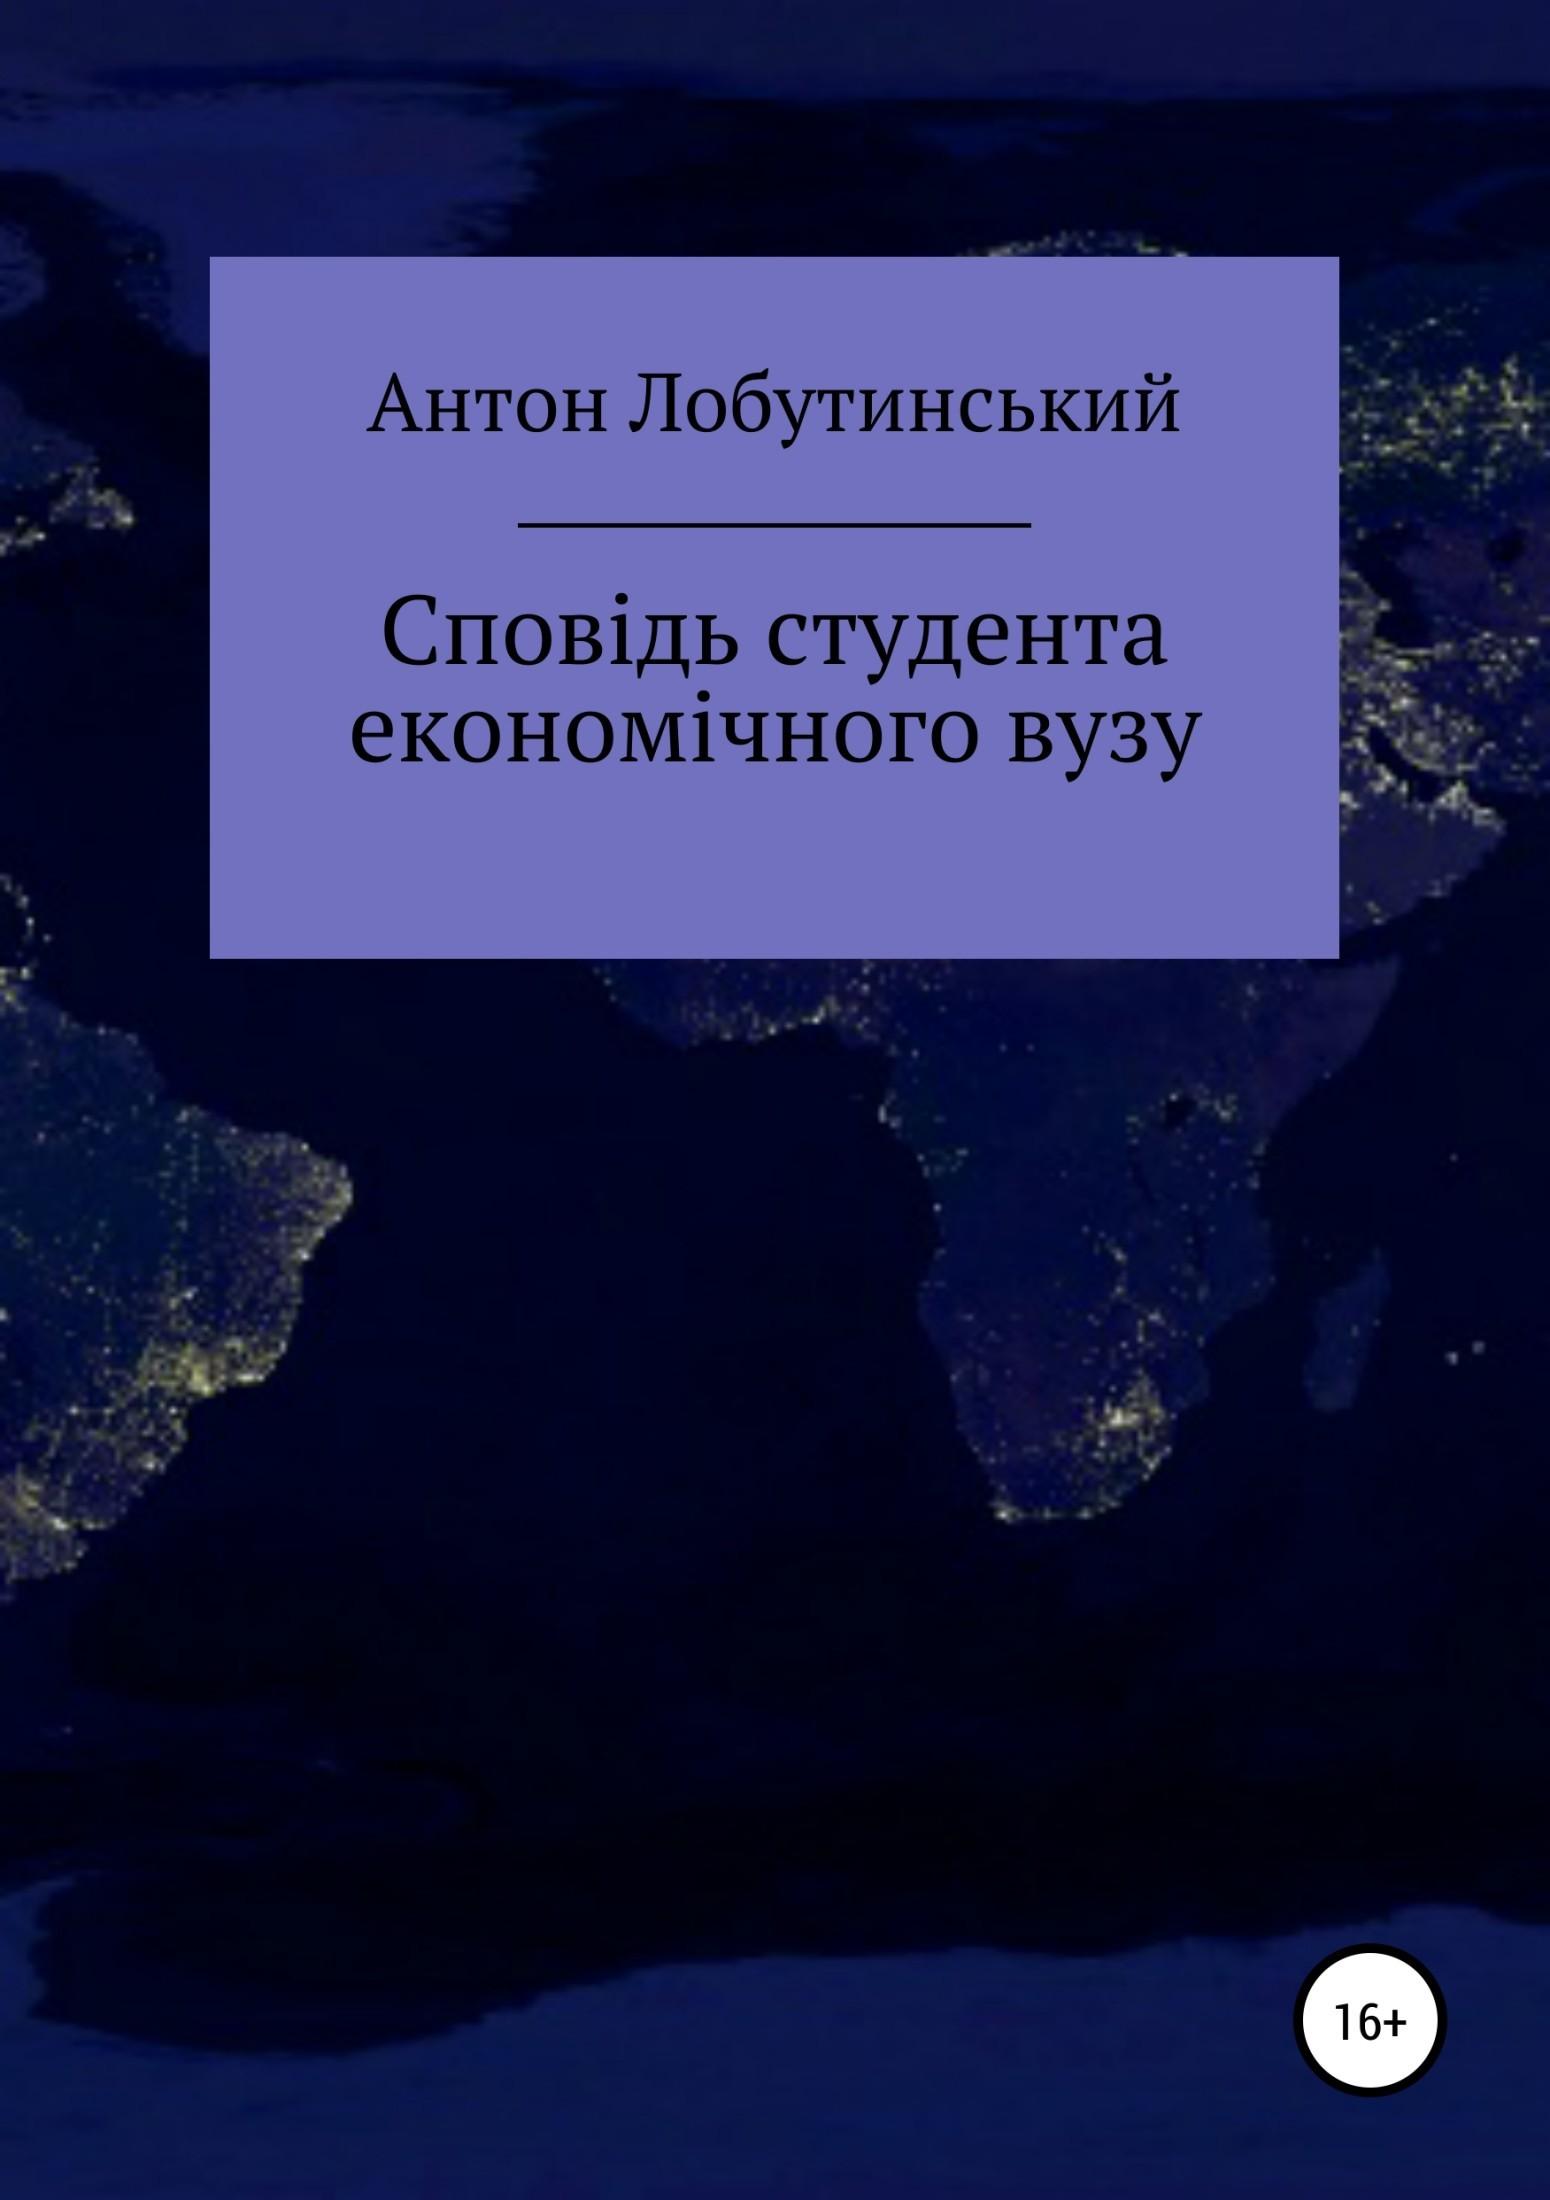 Обложка книги. Автор - Антон Лобутинський